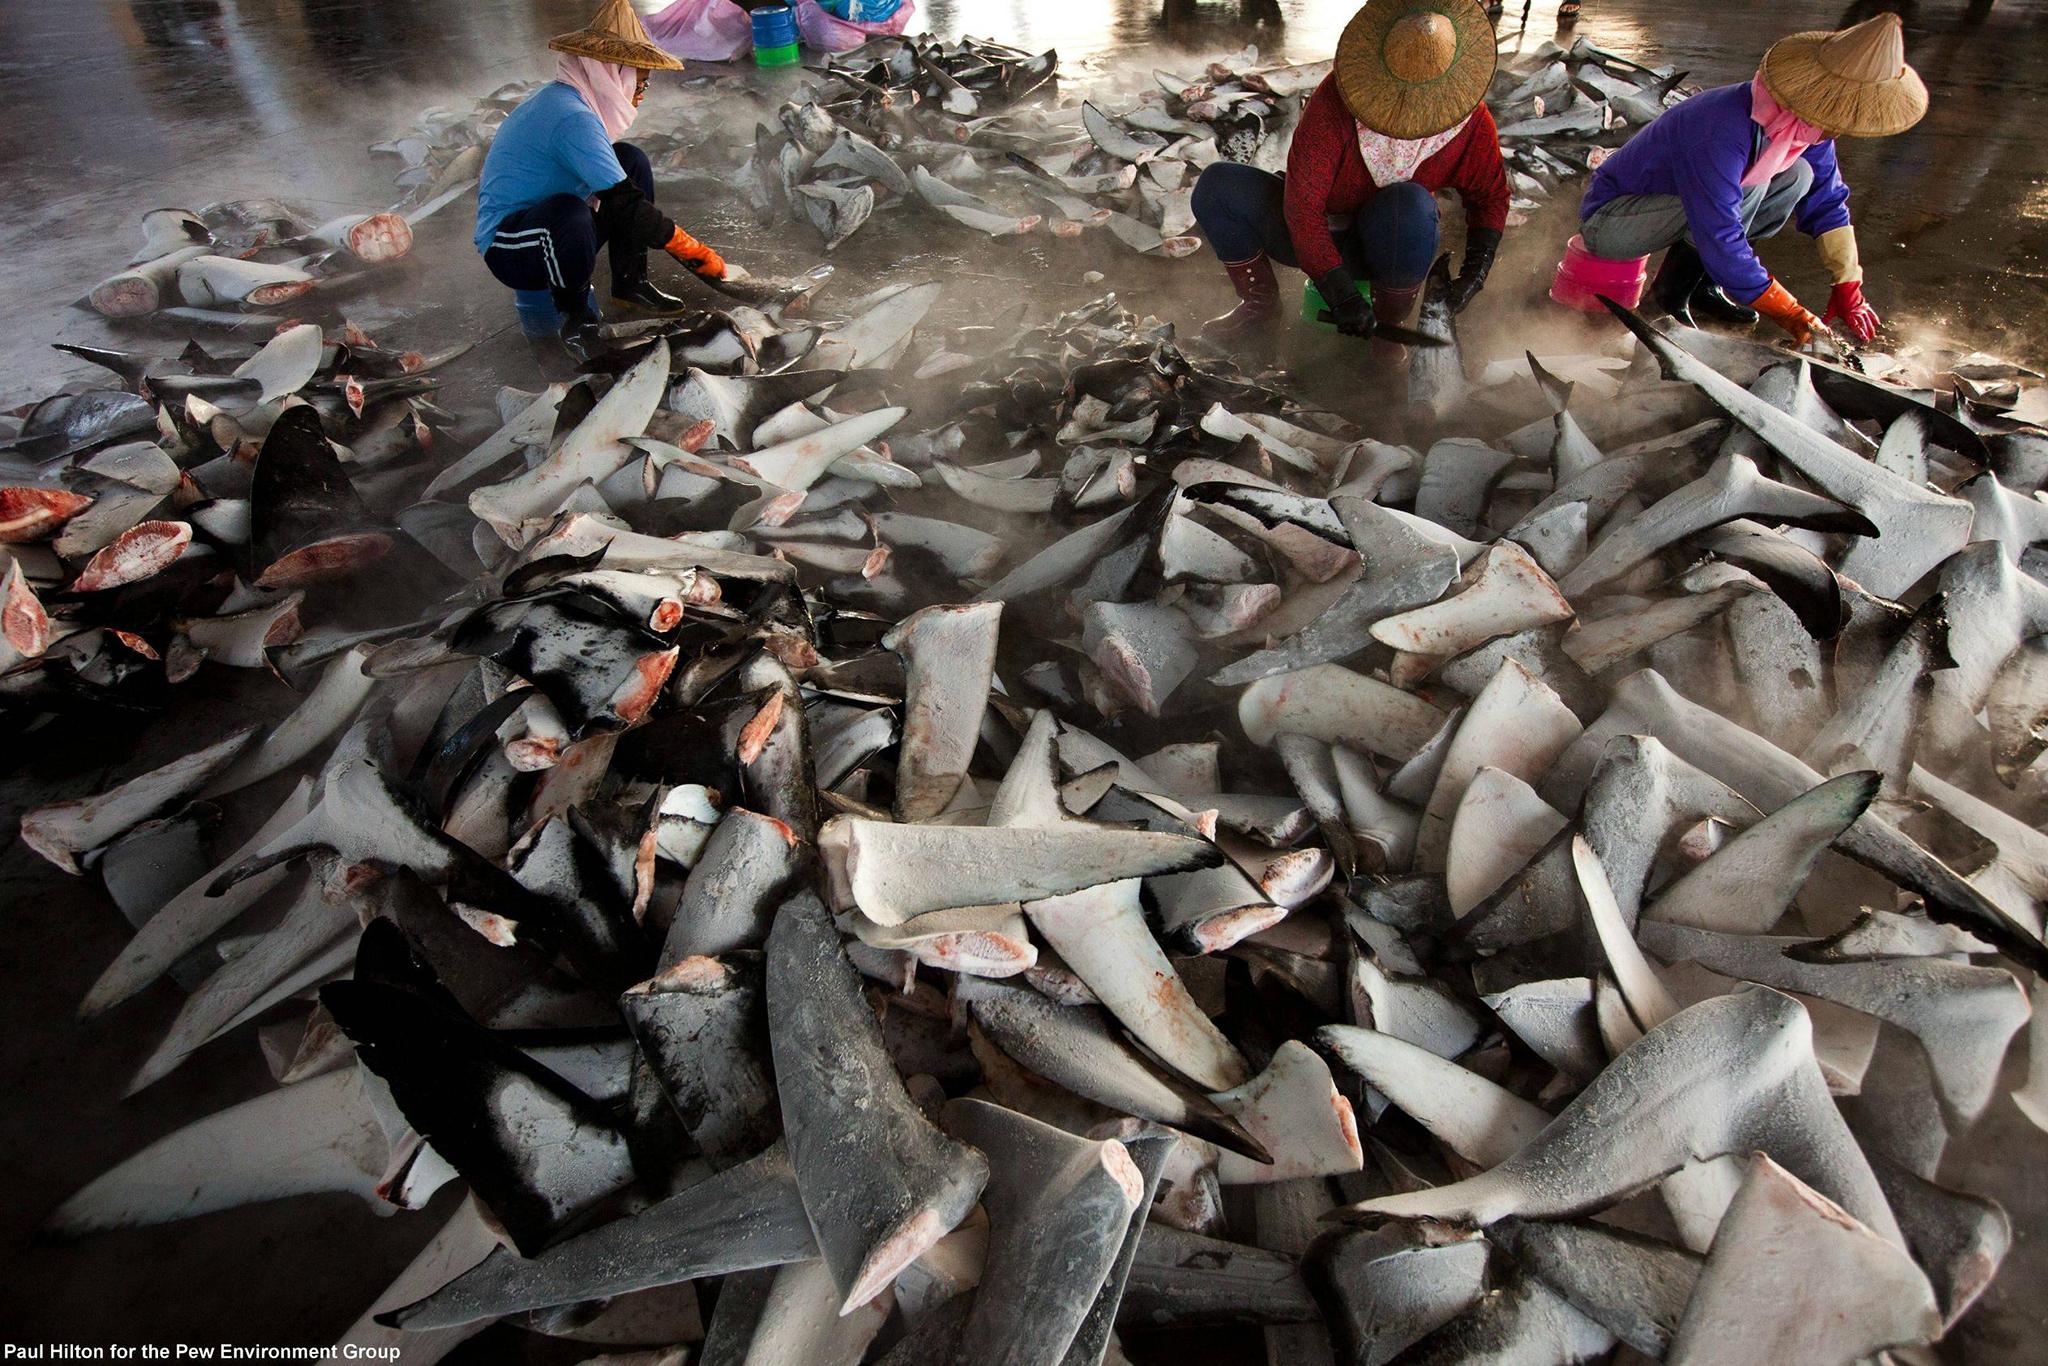 Pescadas dezenas de toneladas de tubarão em águas timorenses